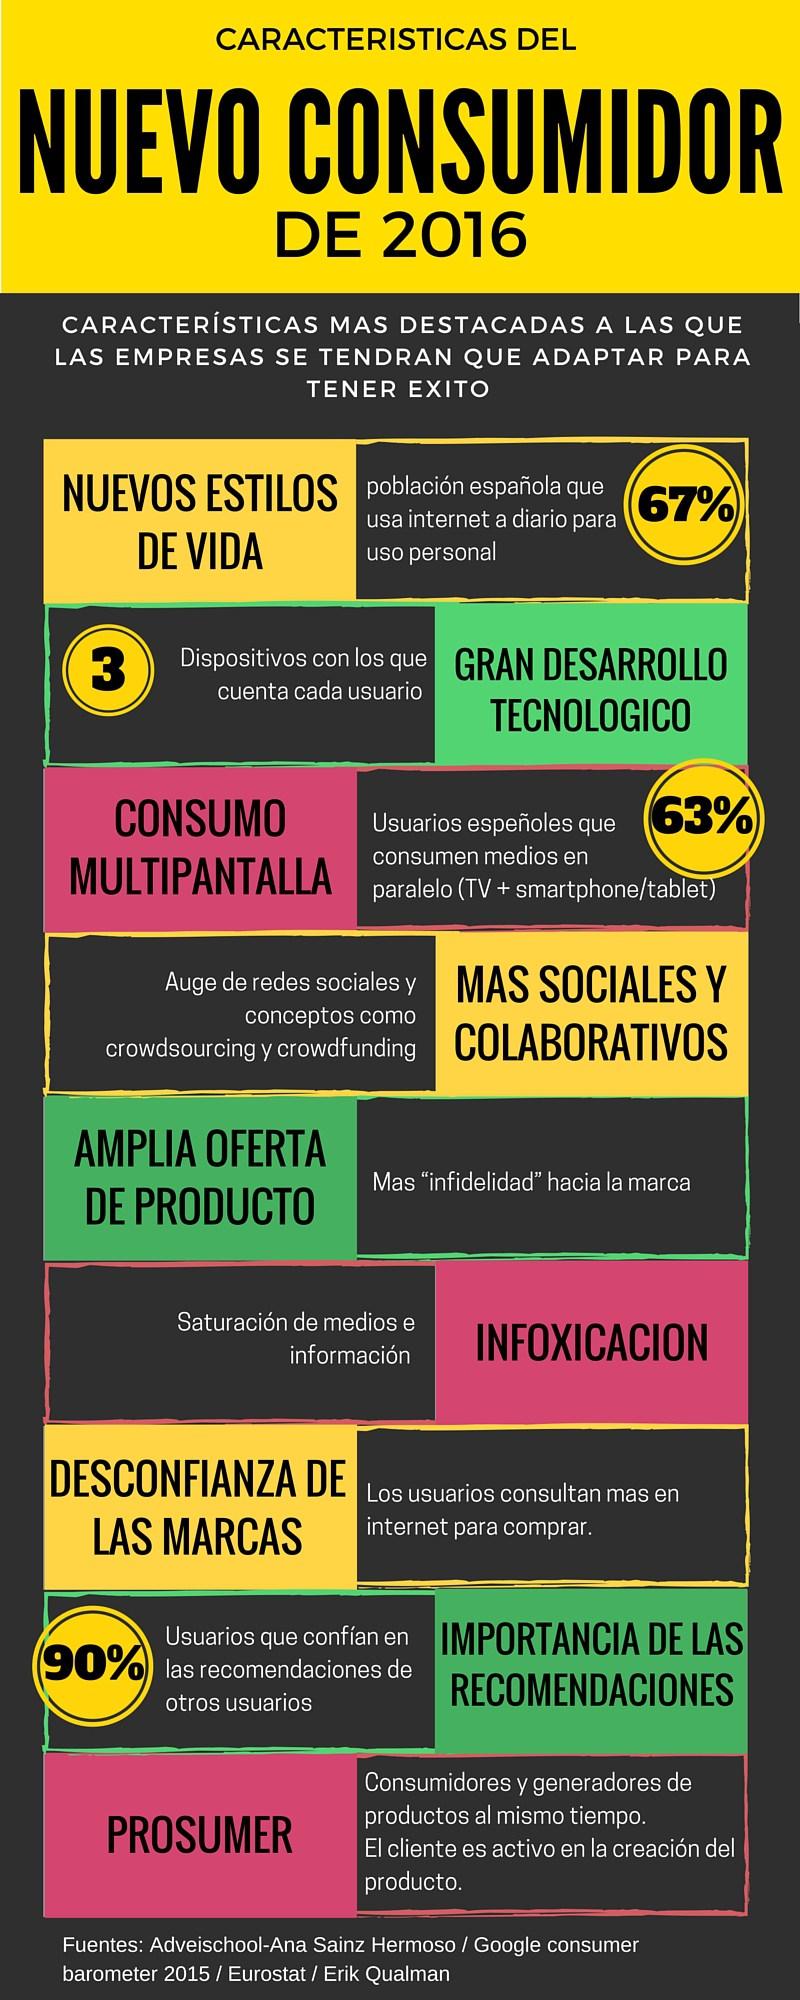 Características del nuevo consumidor